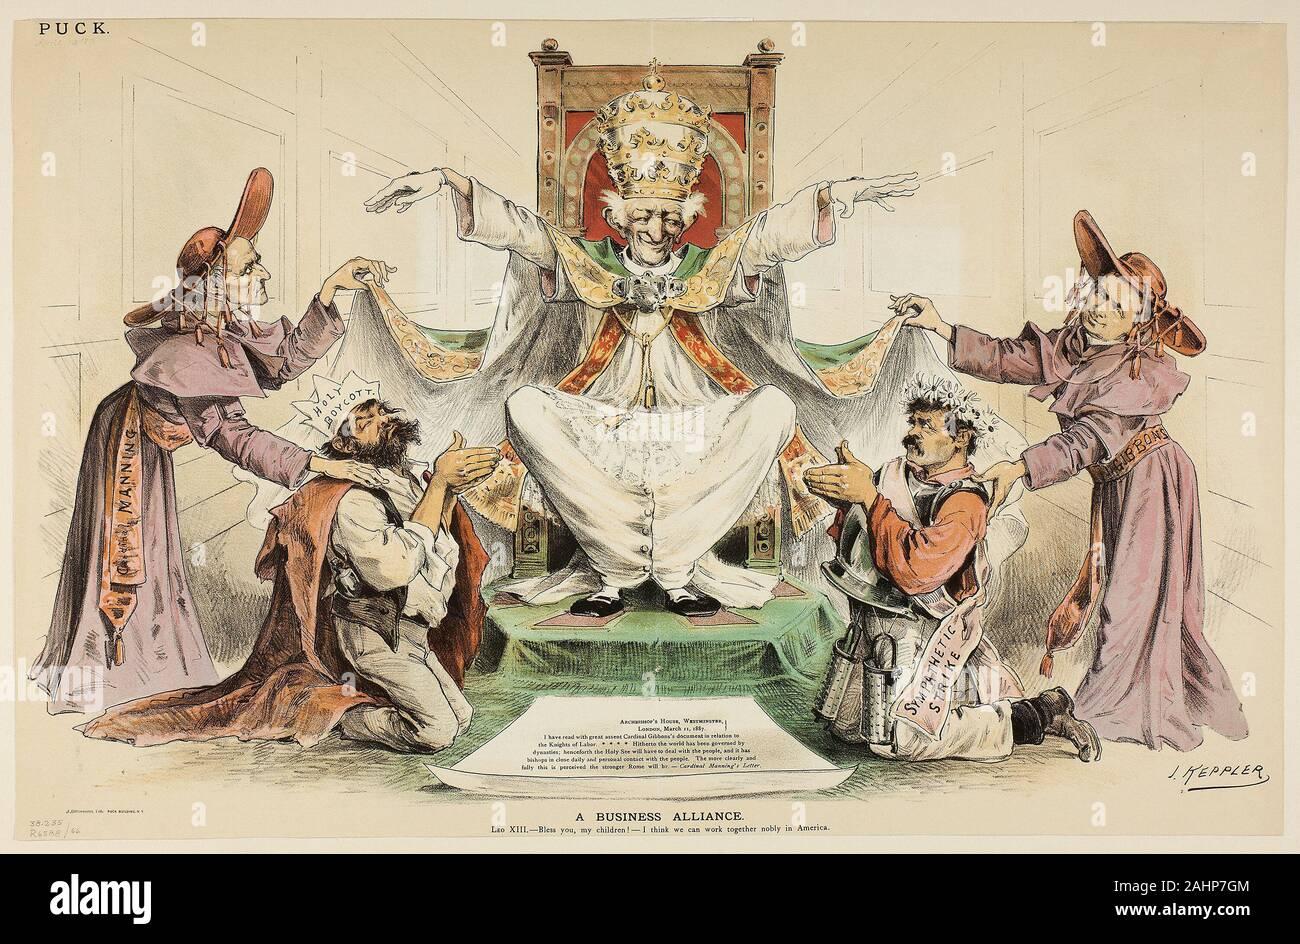 Joseph Keppler Une Alliance D Affaires 1887 United States Lithographie Couleur Sur Papier Journal Photo Stock Alamy